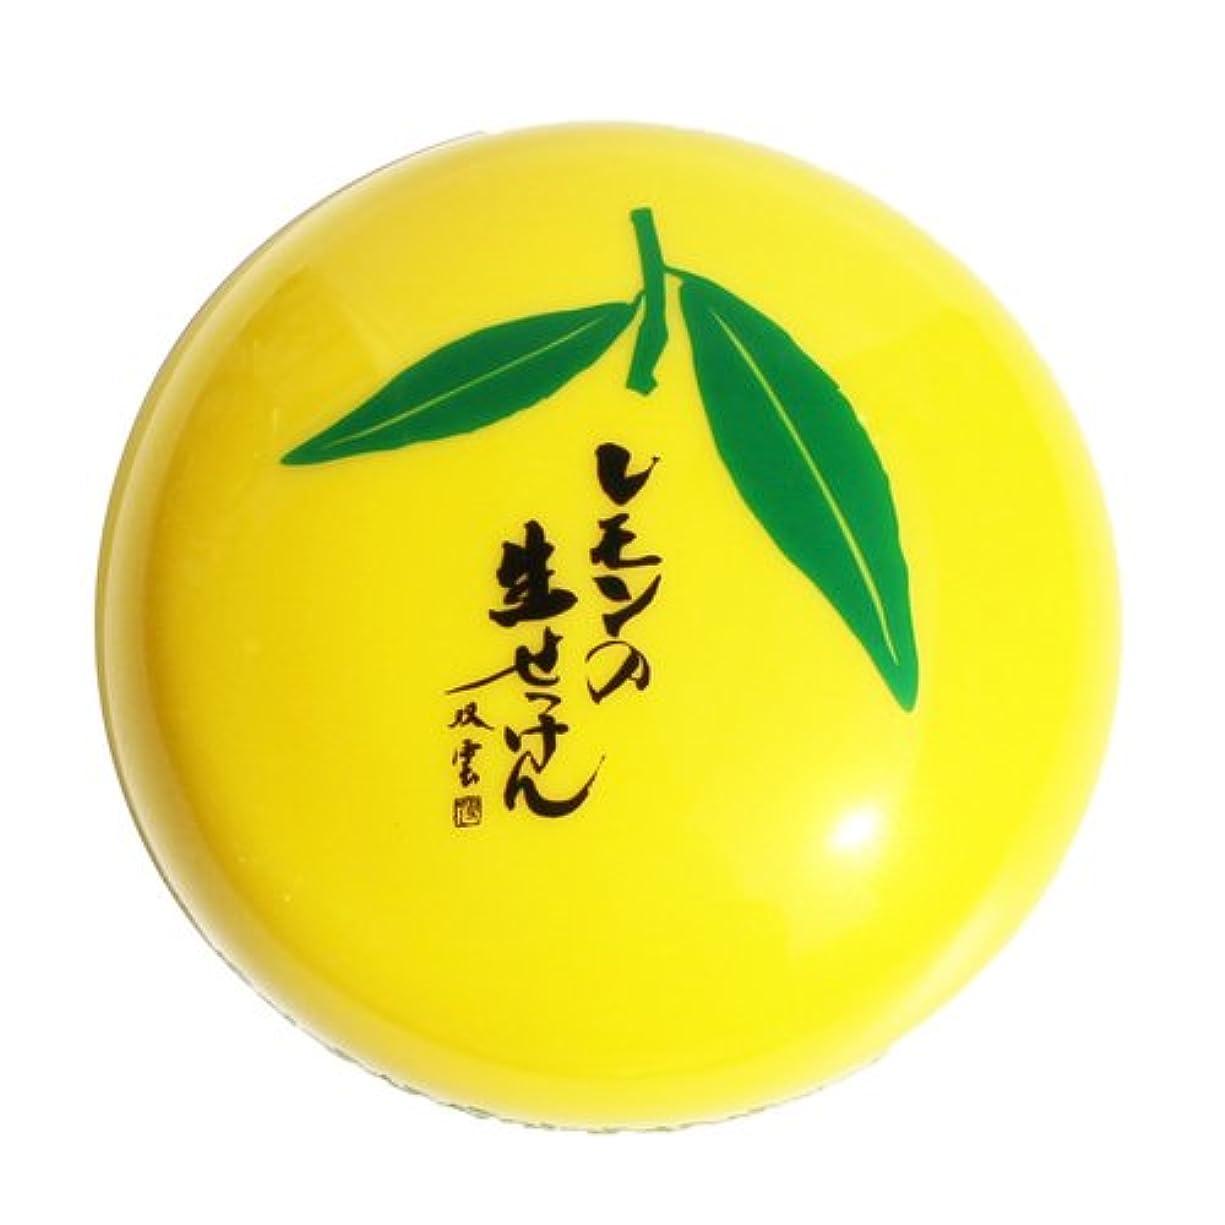 払い戻し肺練習した美香柑 レモンの生せっけん 120g